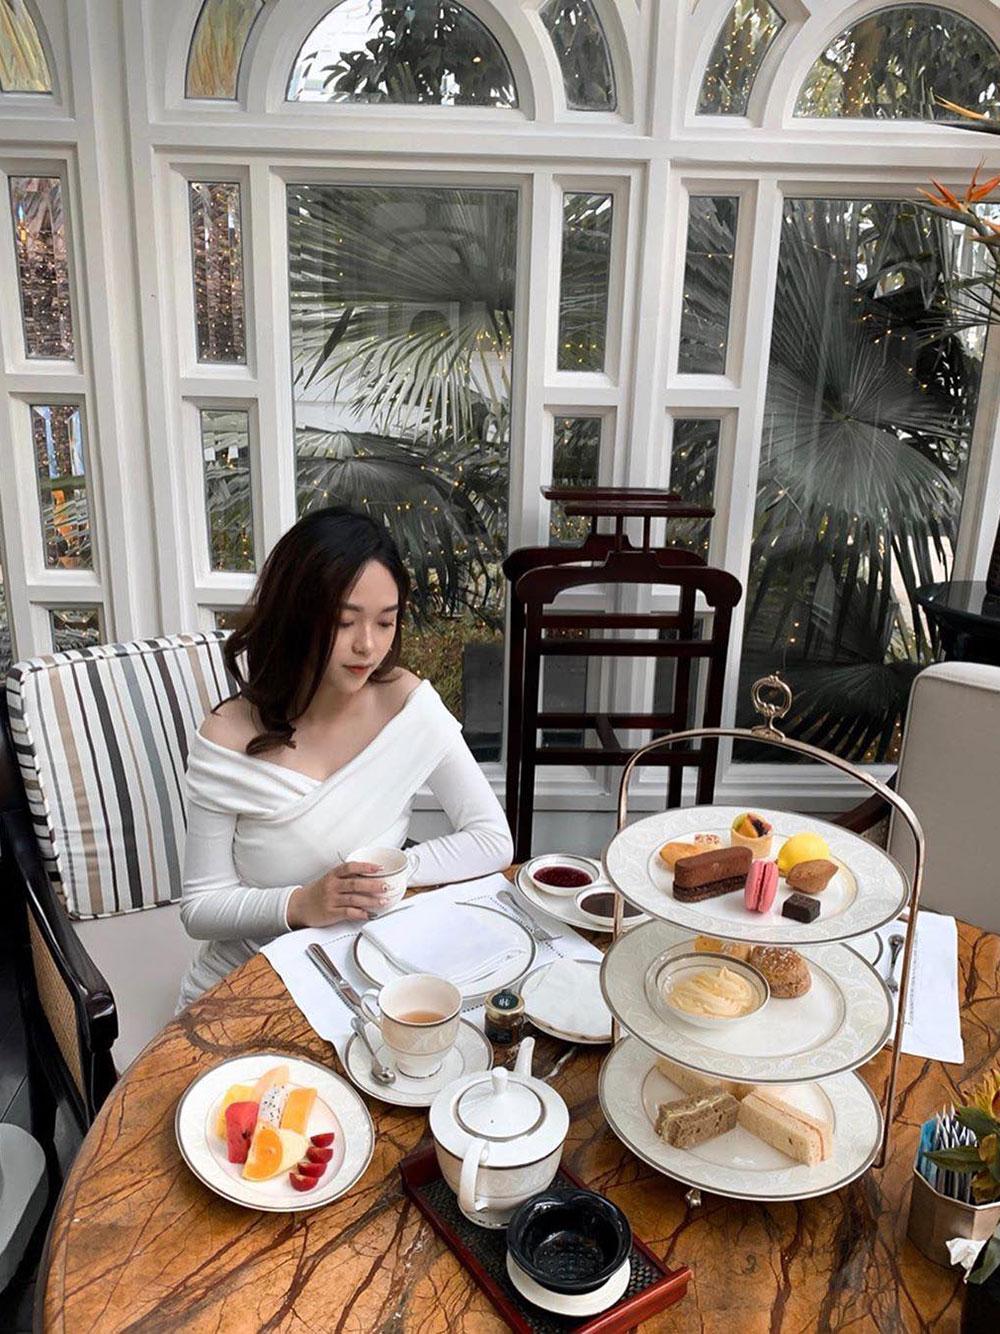 Du khách thưởng trà chiều có thể chụp những bức ảnh check-in với đẹp. Ảnh: strawbelinh/Sofitel Legend Metropole Hanoi